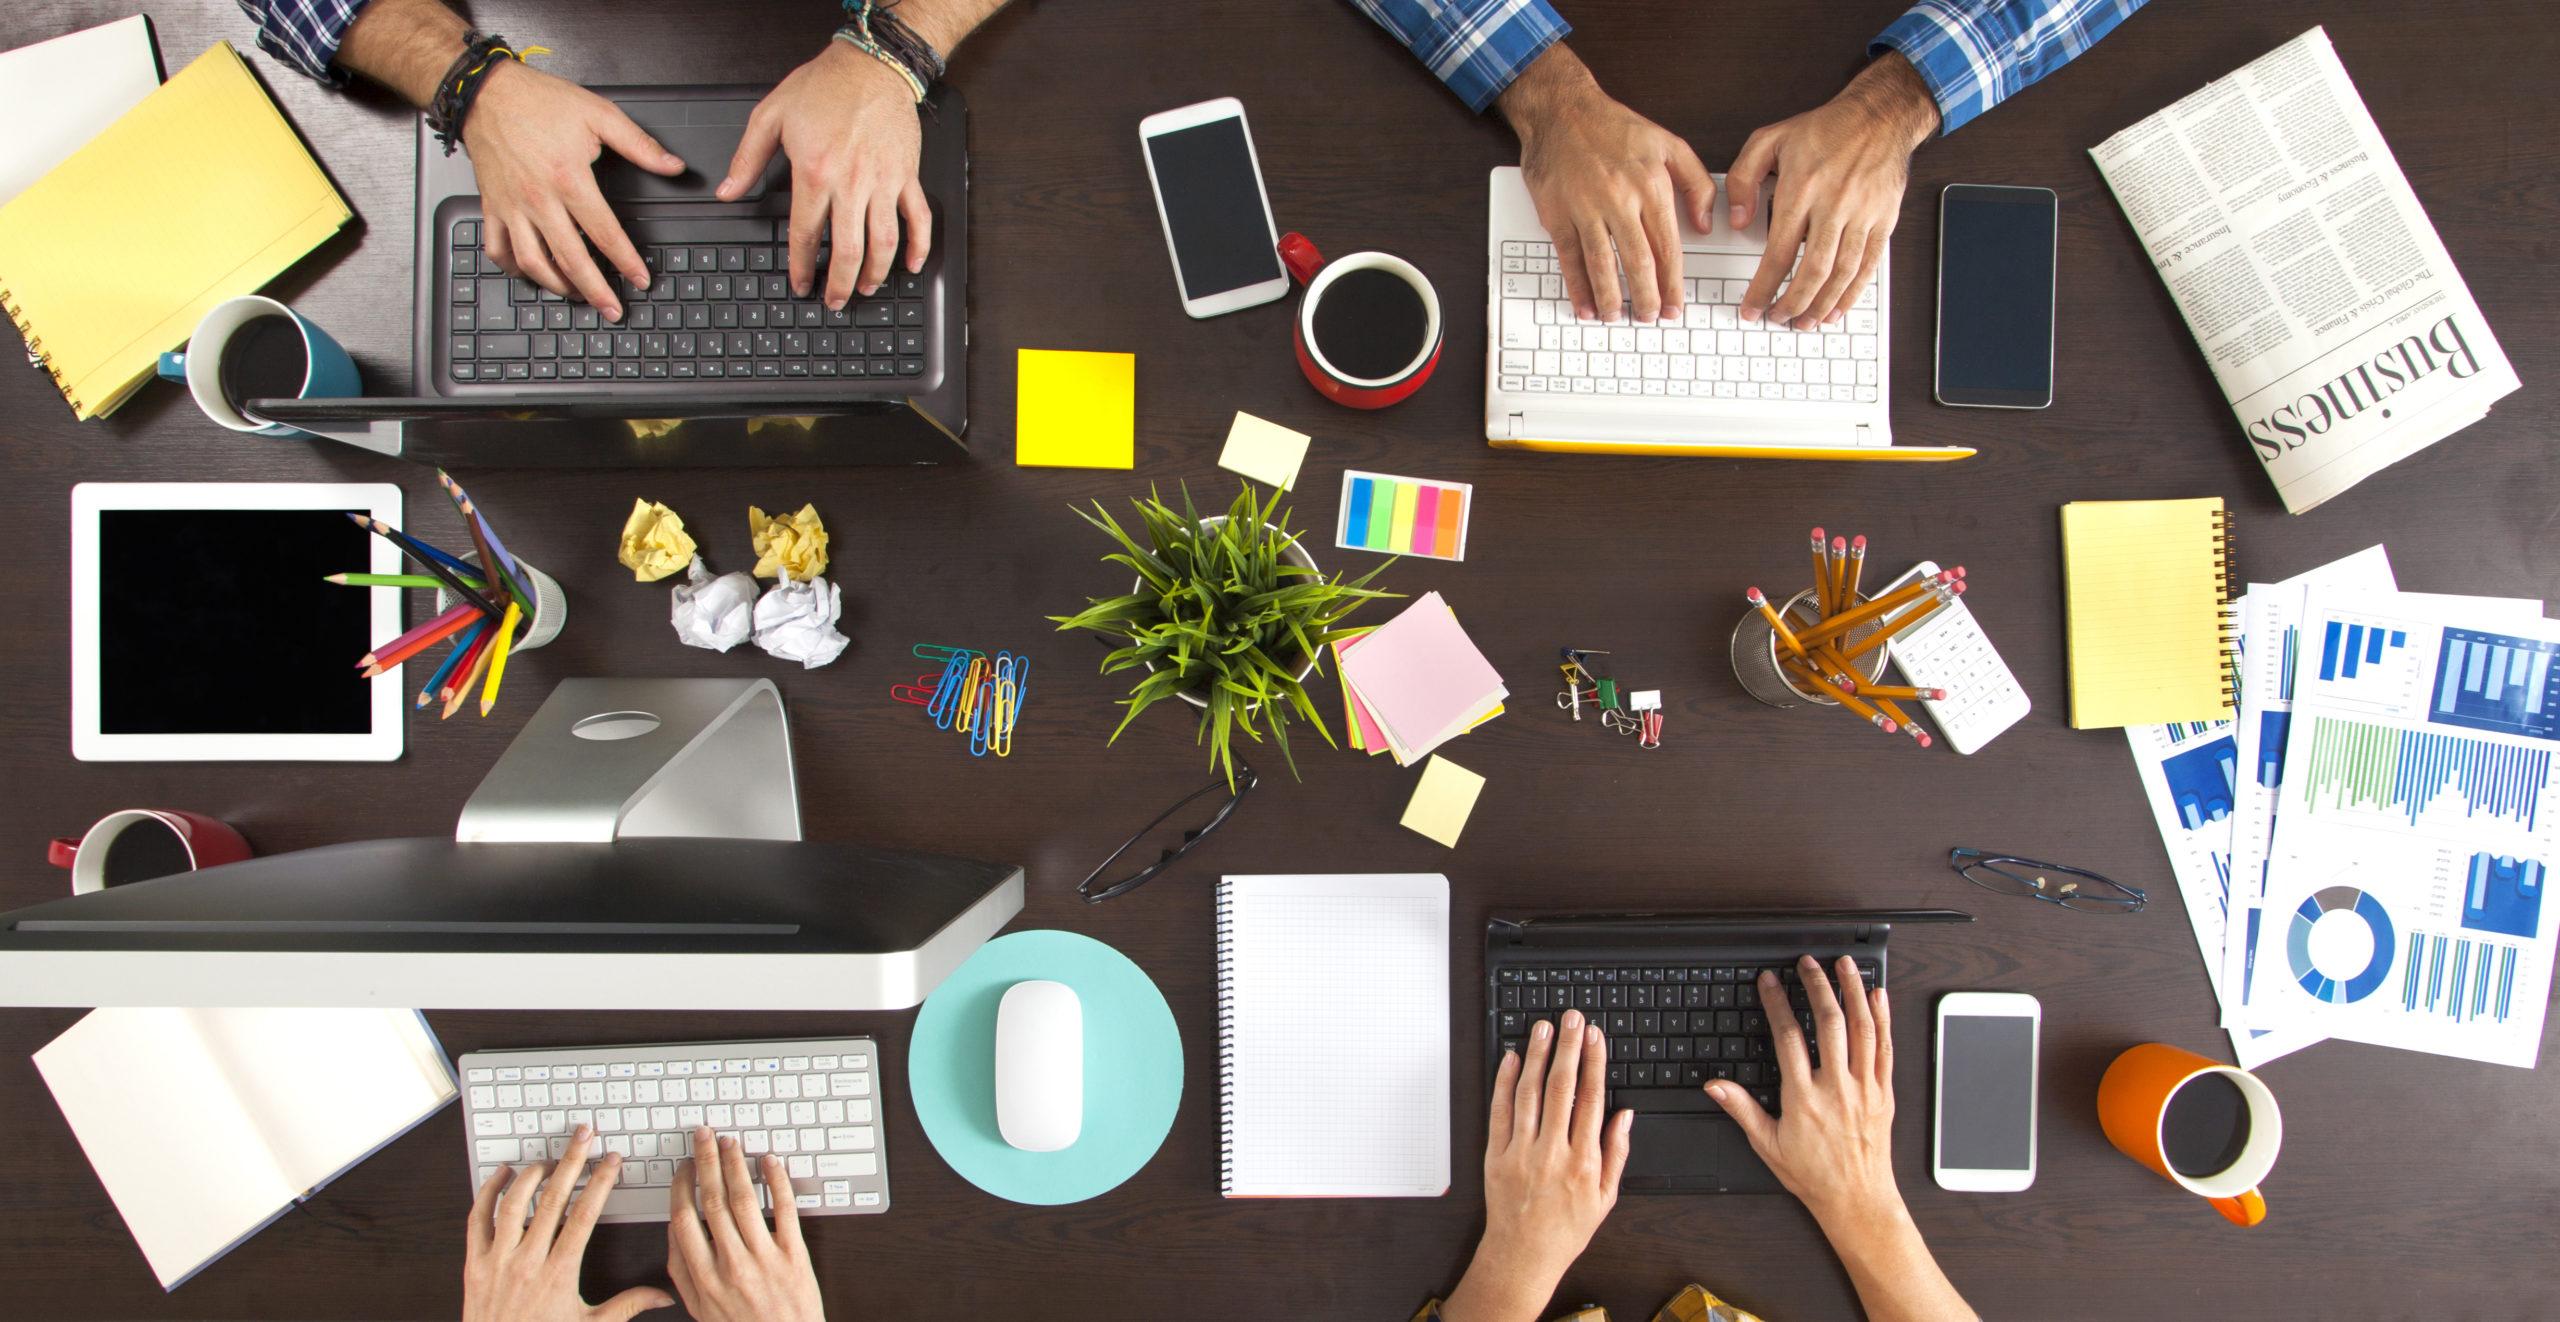 จ้างทำ Online Marketing, Online Marketing Team